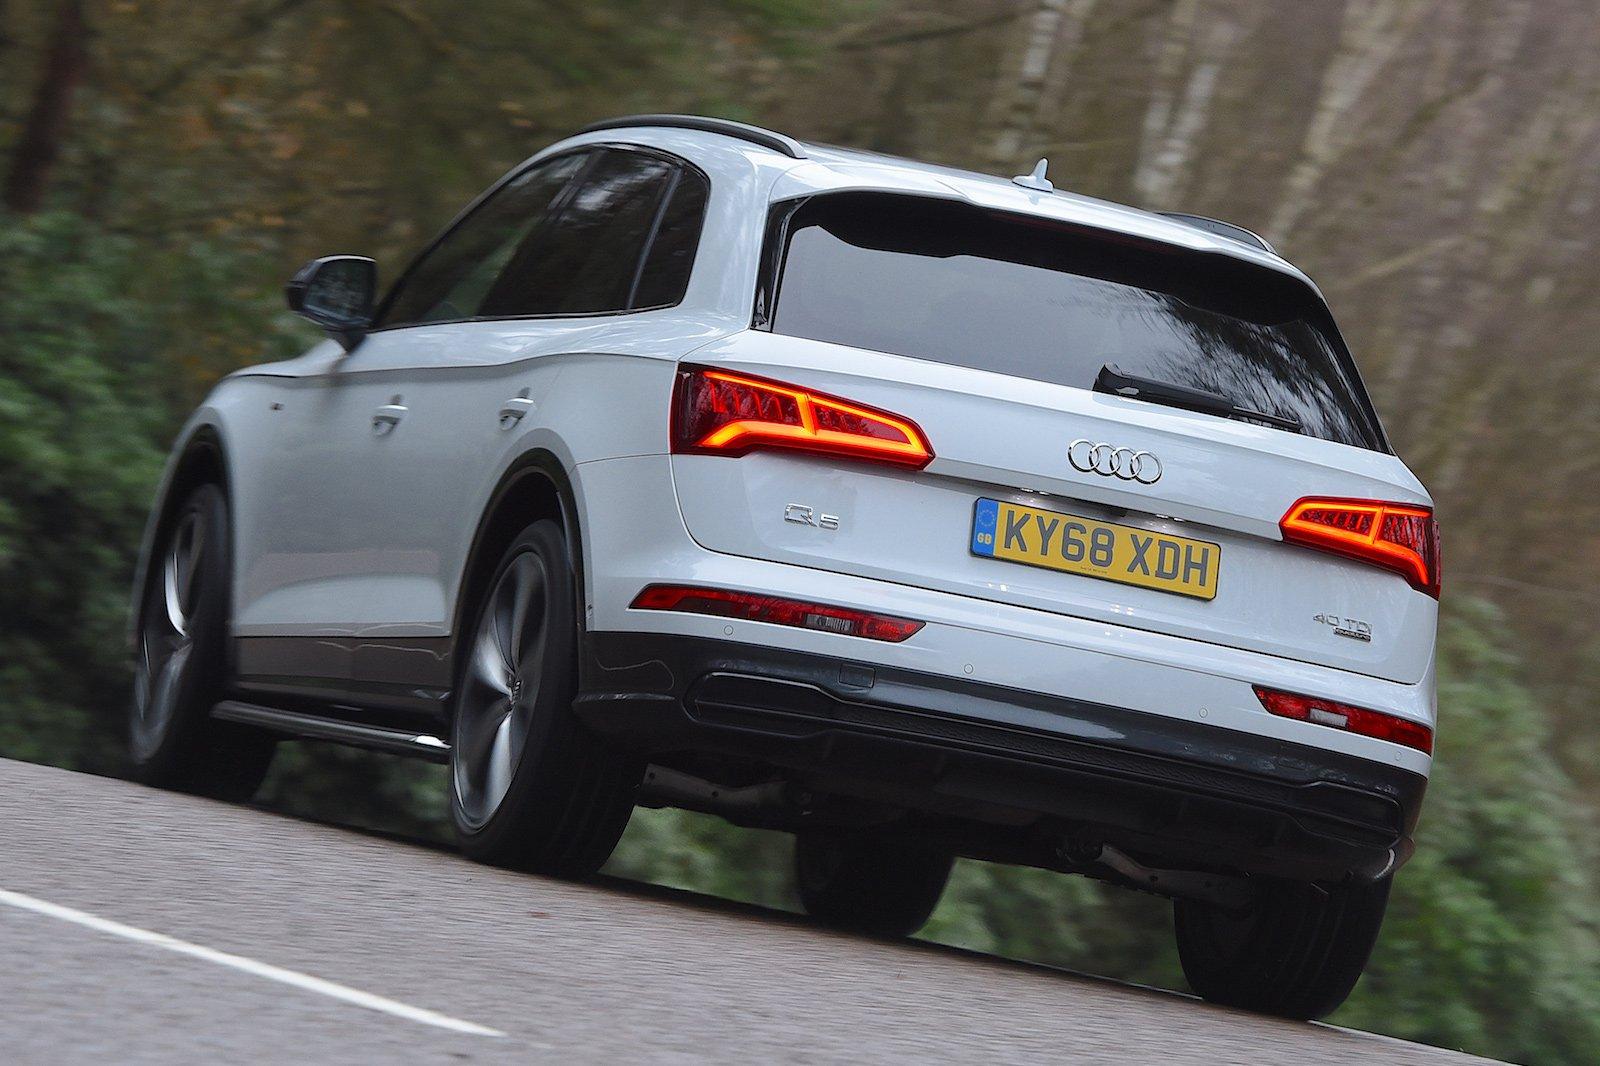 Audi Q5 Vorsprung Rear